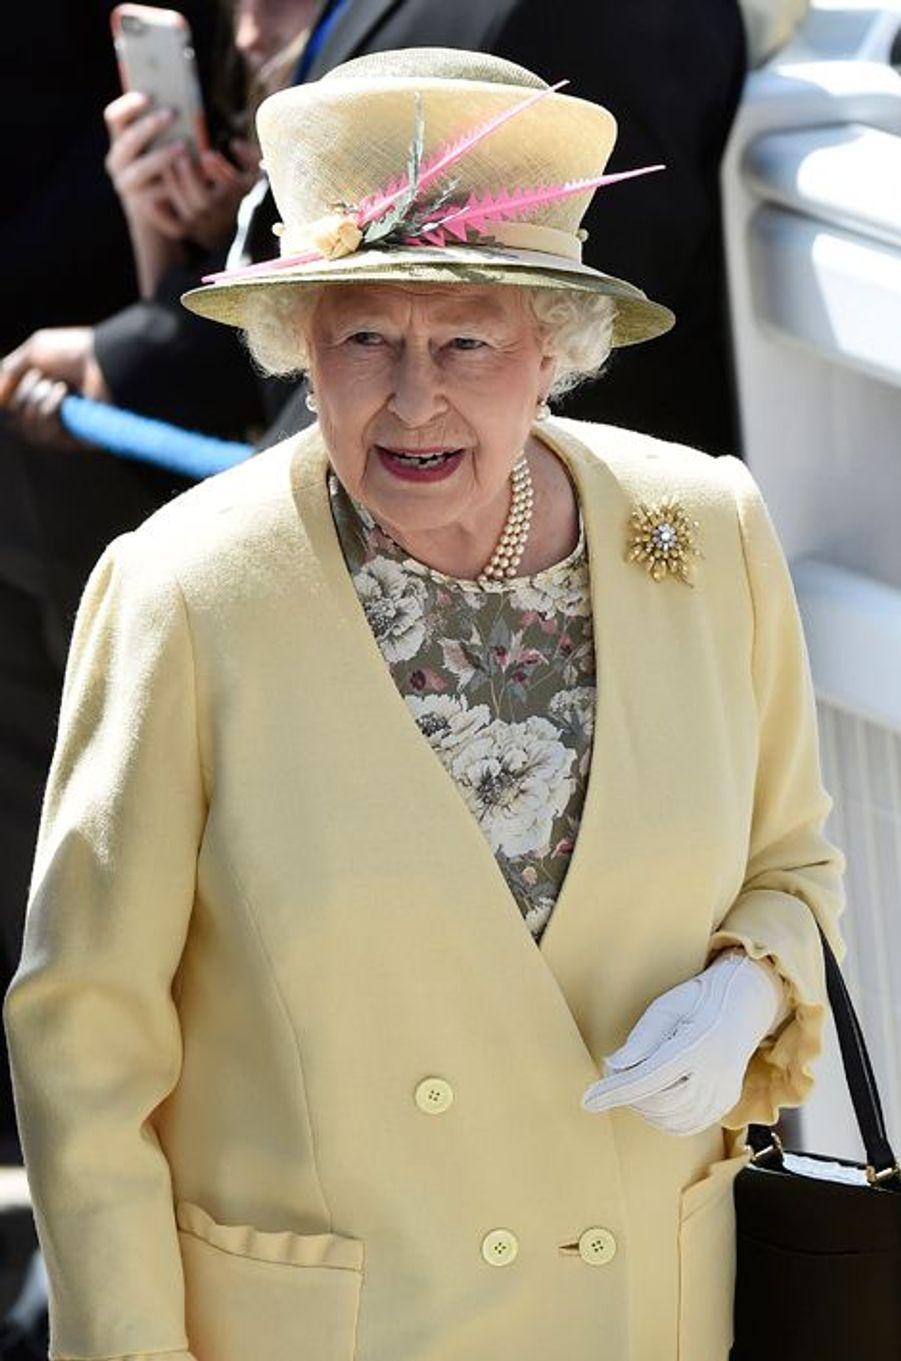 La reine Elizabeth II au Derby d'Epsom, le 6 juin 2015